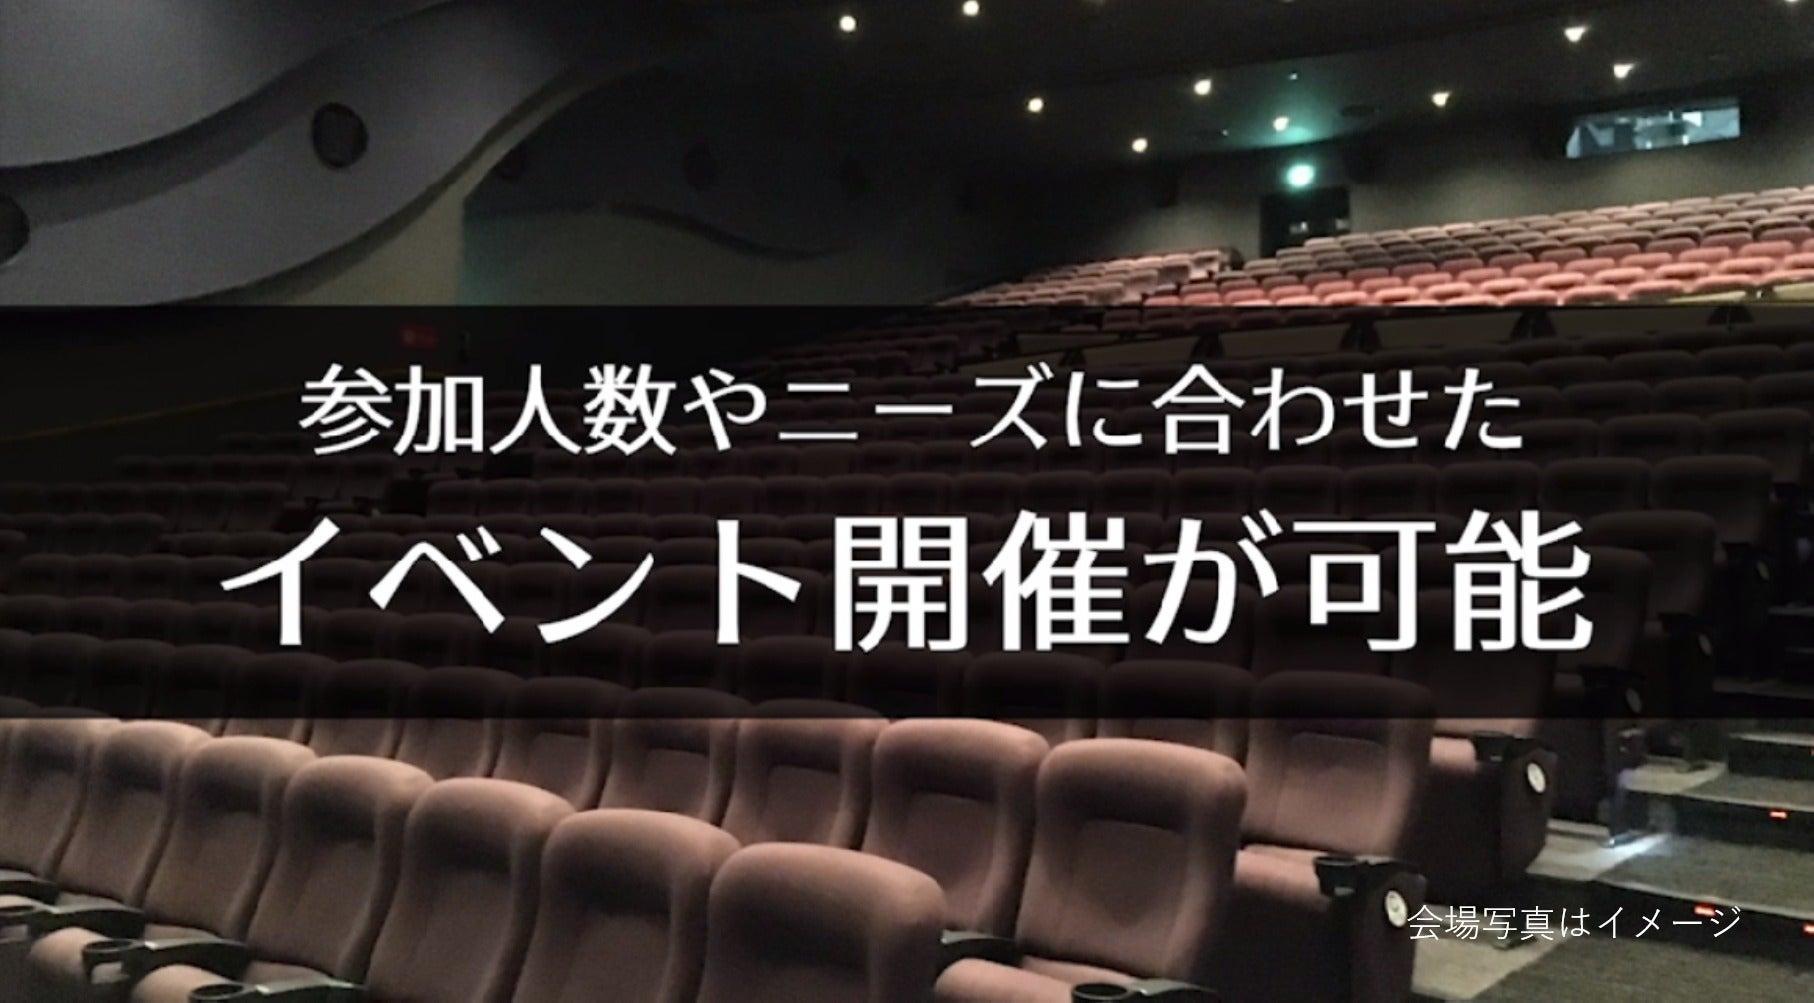 【長崎 119席】映画館で、会社説明会、株主総会、講演会の企画はいかがですか?(ユナイテッド・シネマ長崎) の写真0